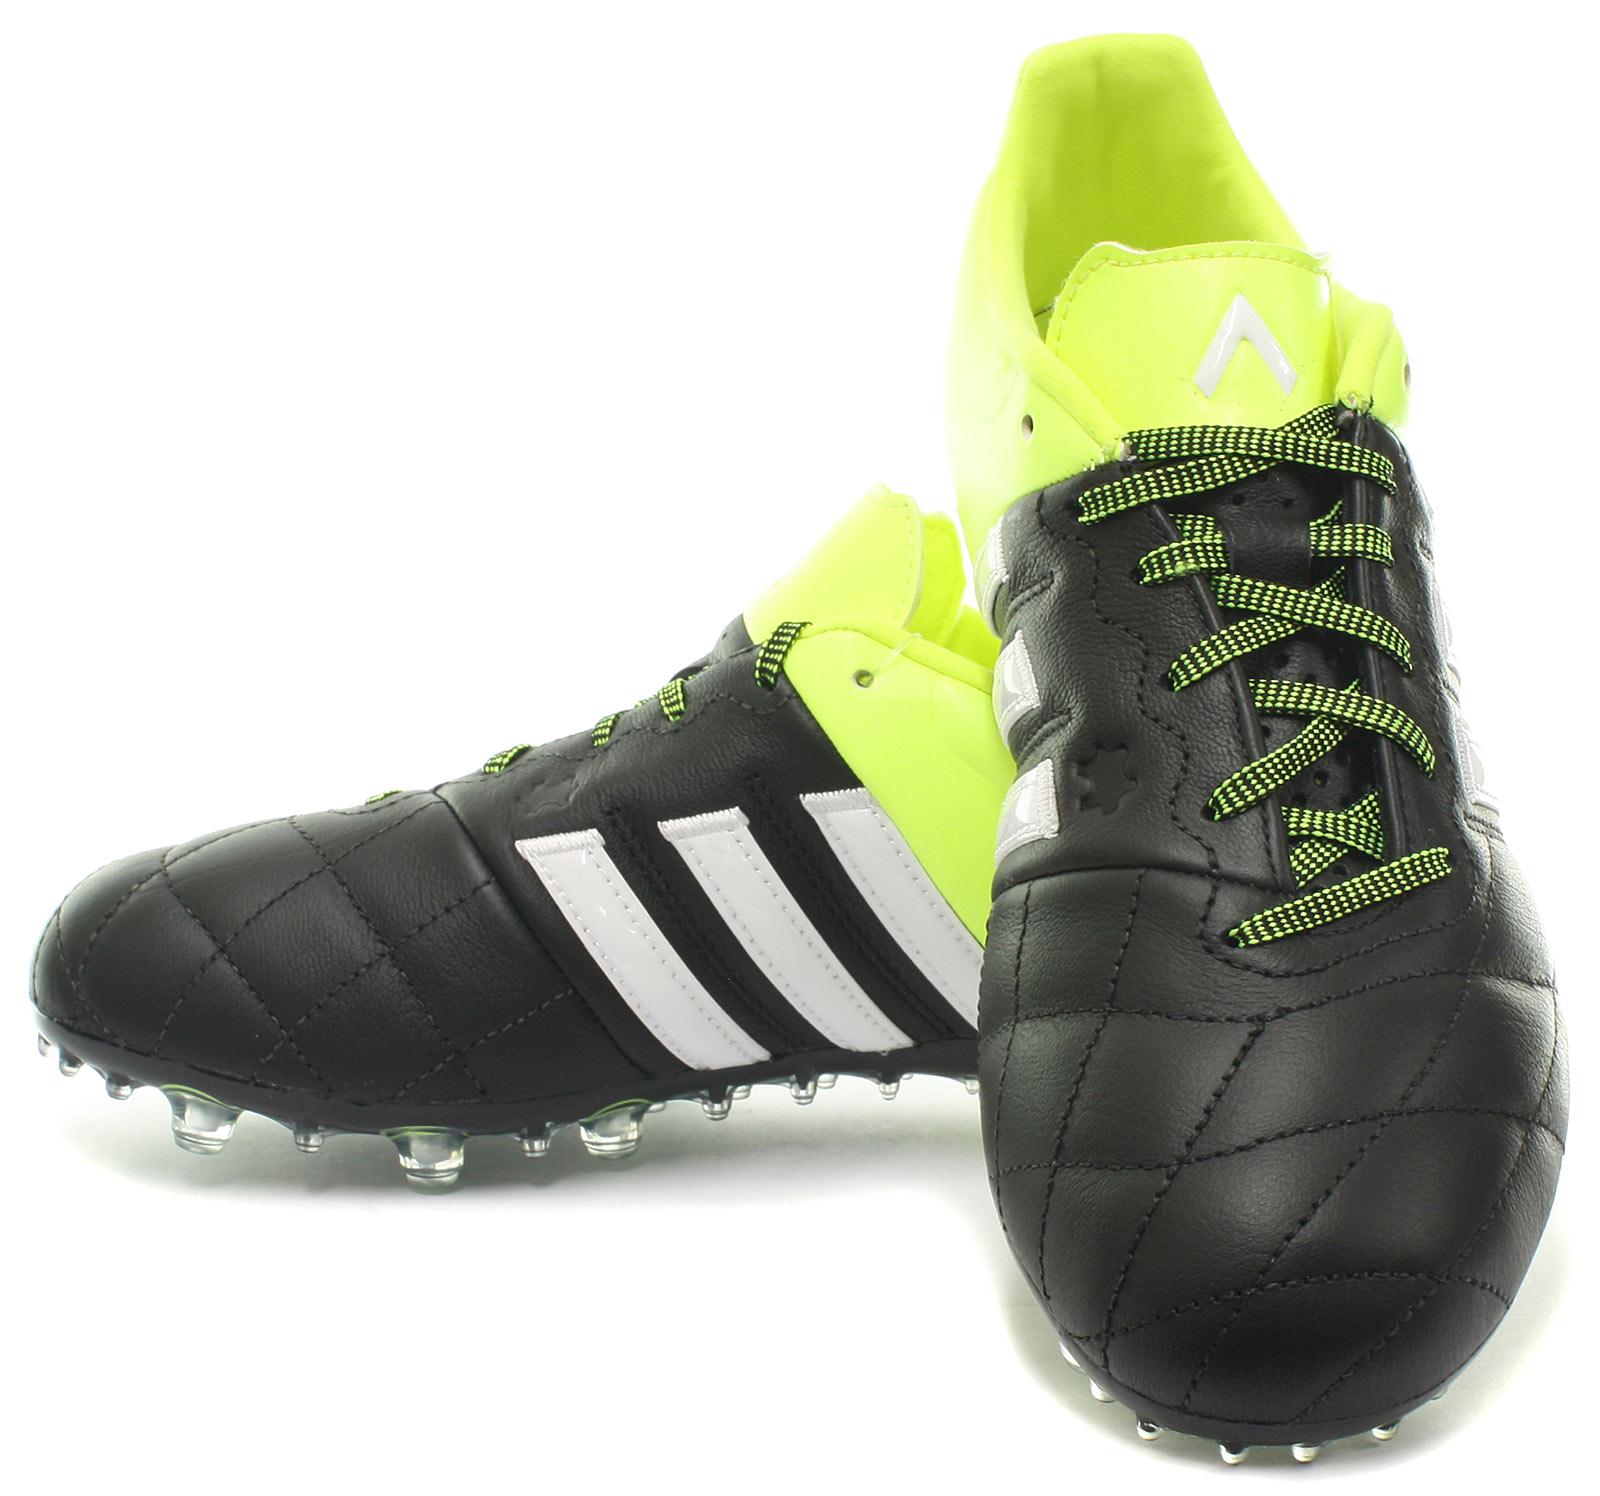 adidas-Ace-15-2-FG-AG-Cuero-Botas-Futbol-Hombre-futbol-Tacos-TODAS-LAS-TALLAS